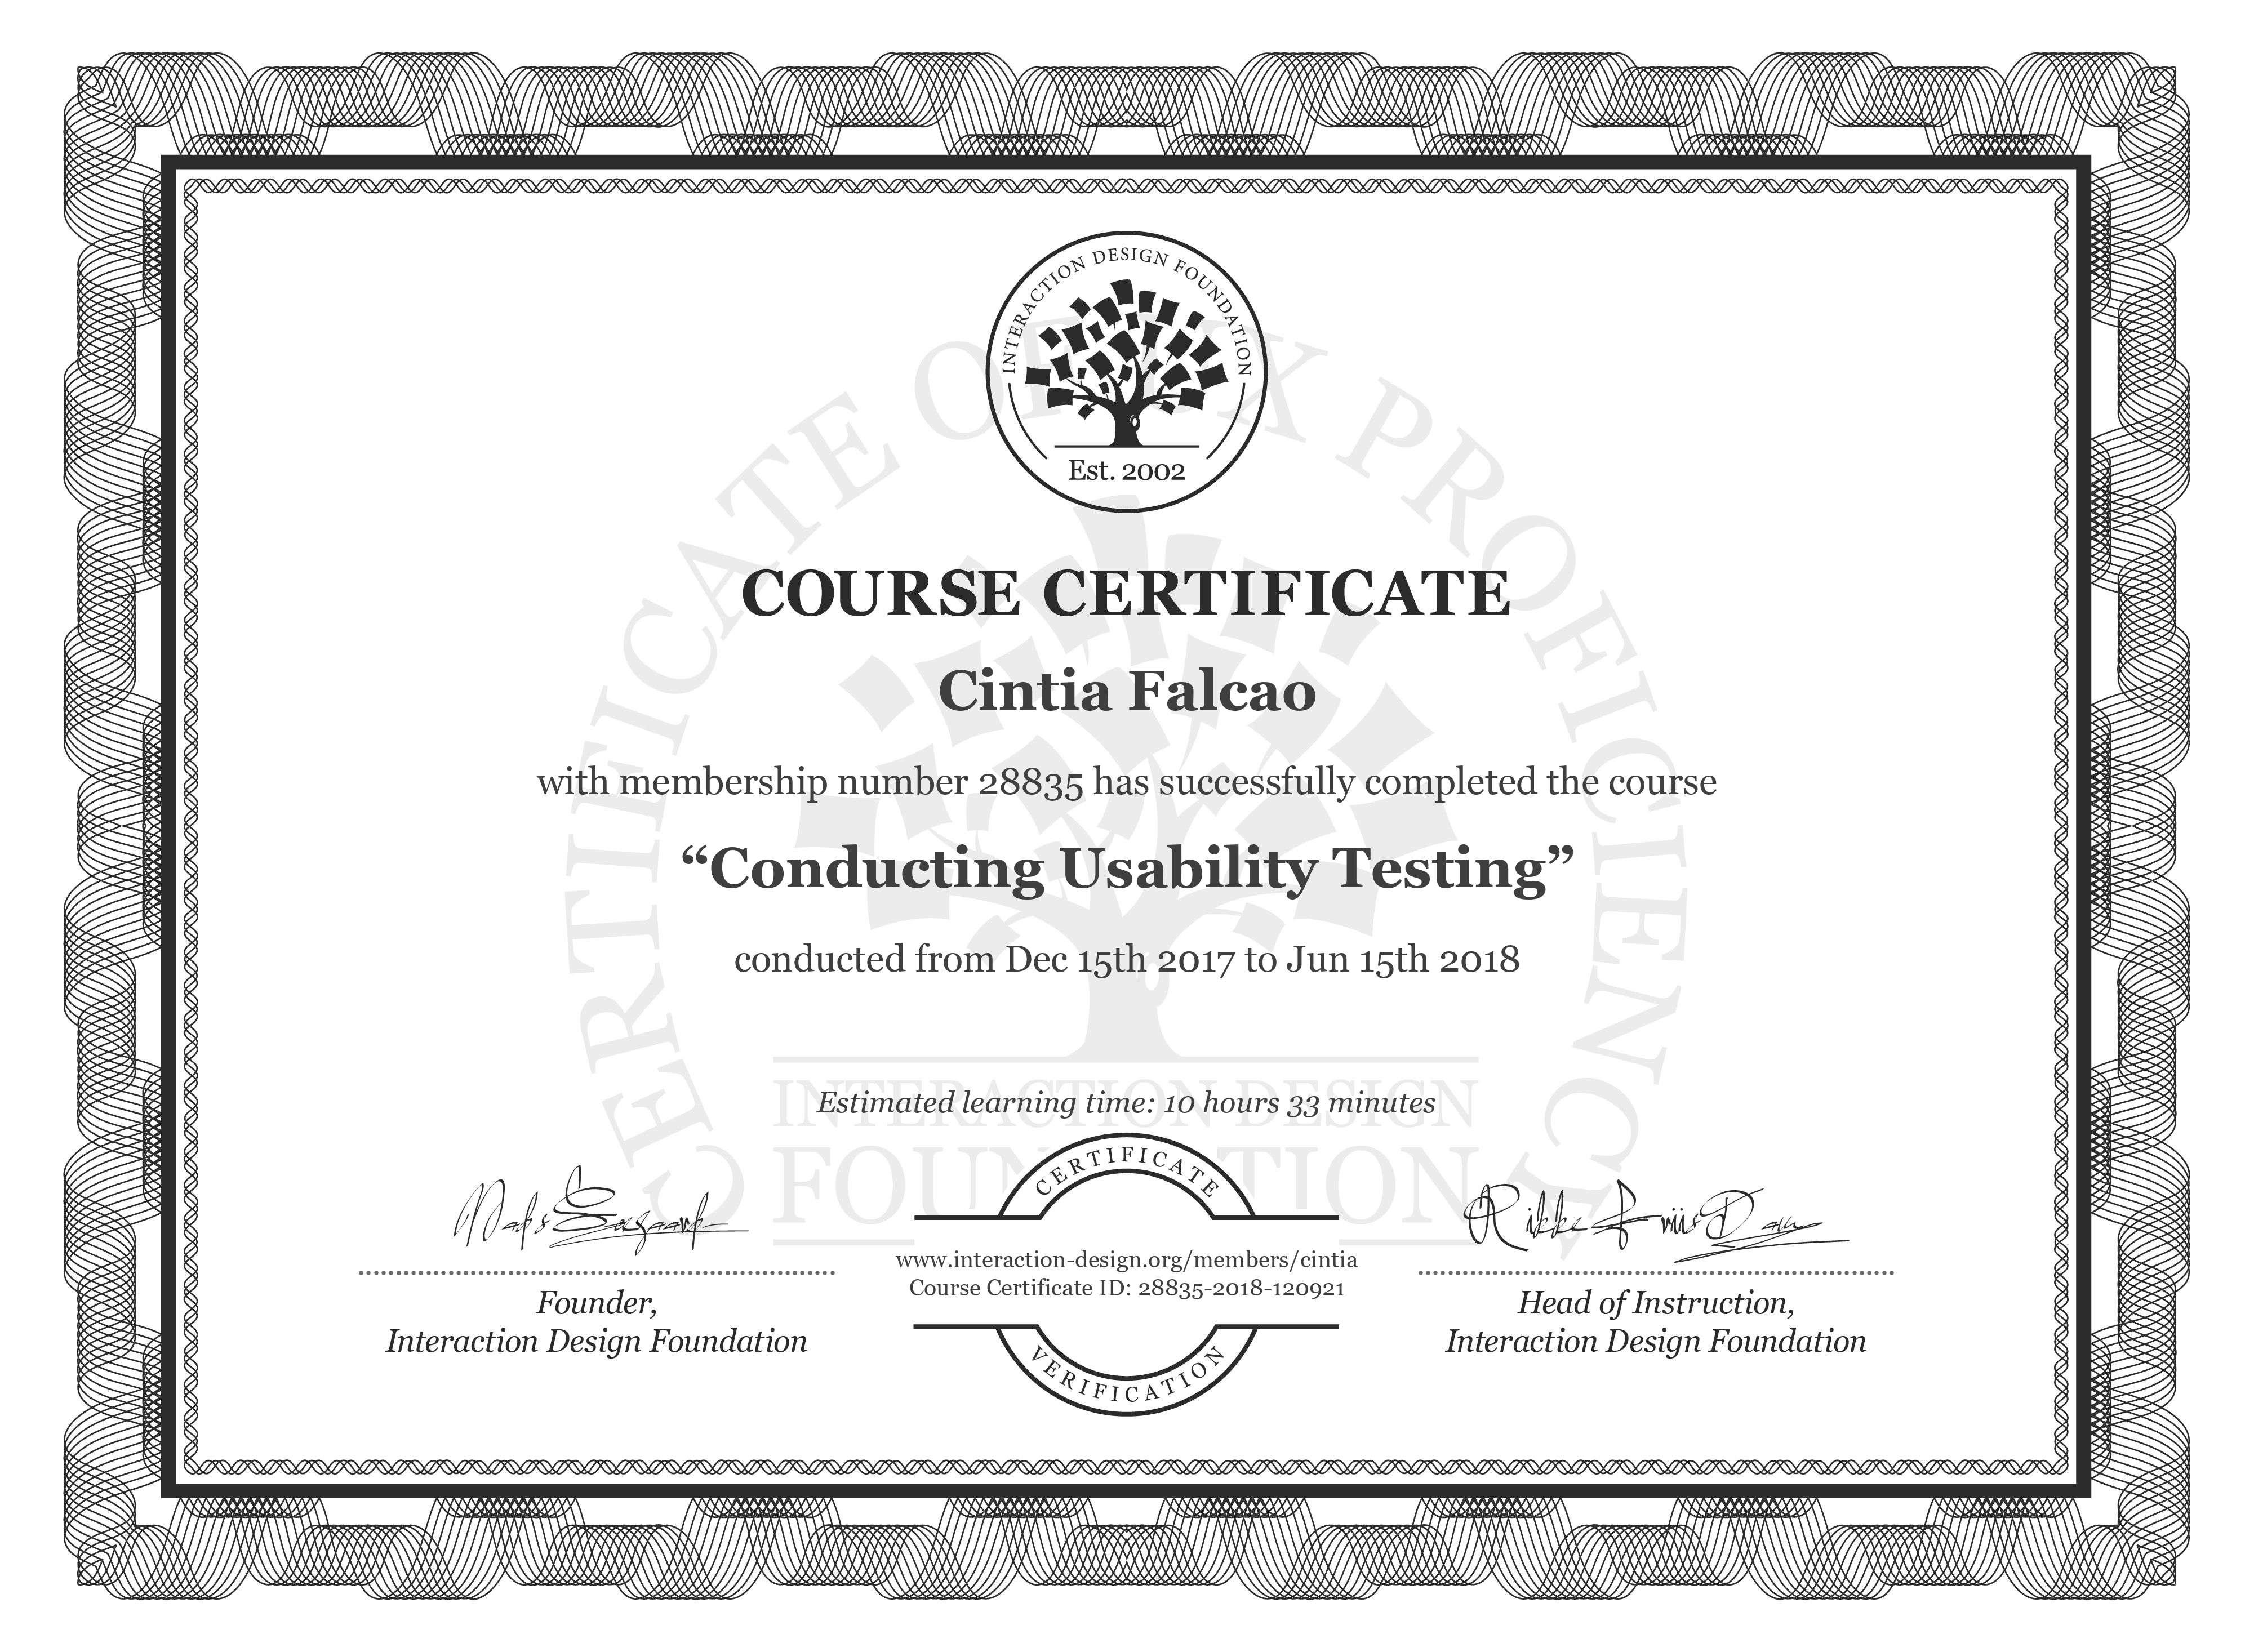 Cíntia Falcão's Course Certificate: Conducting Usability Testing